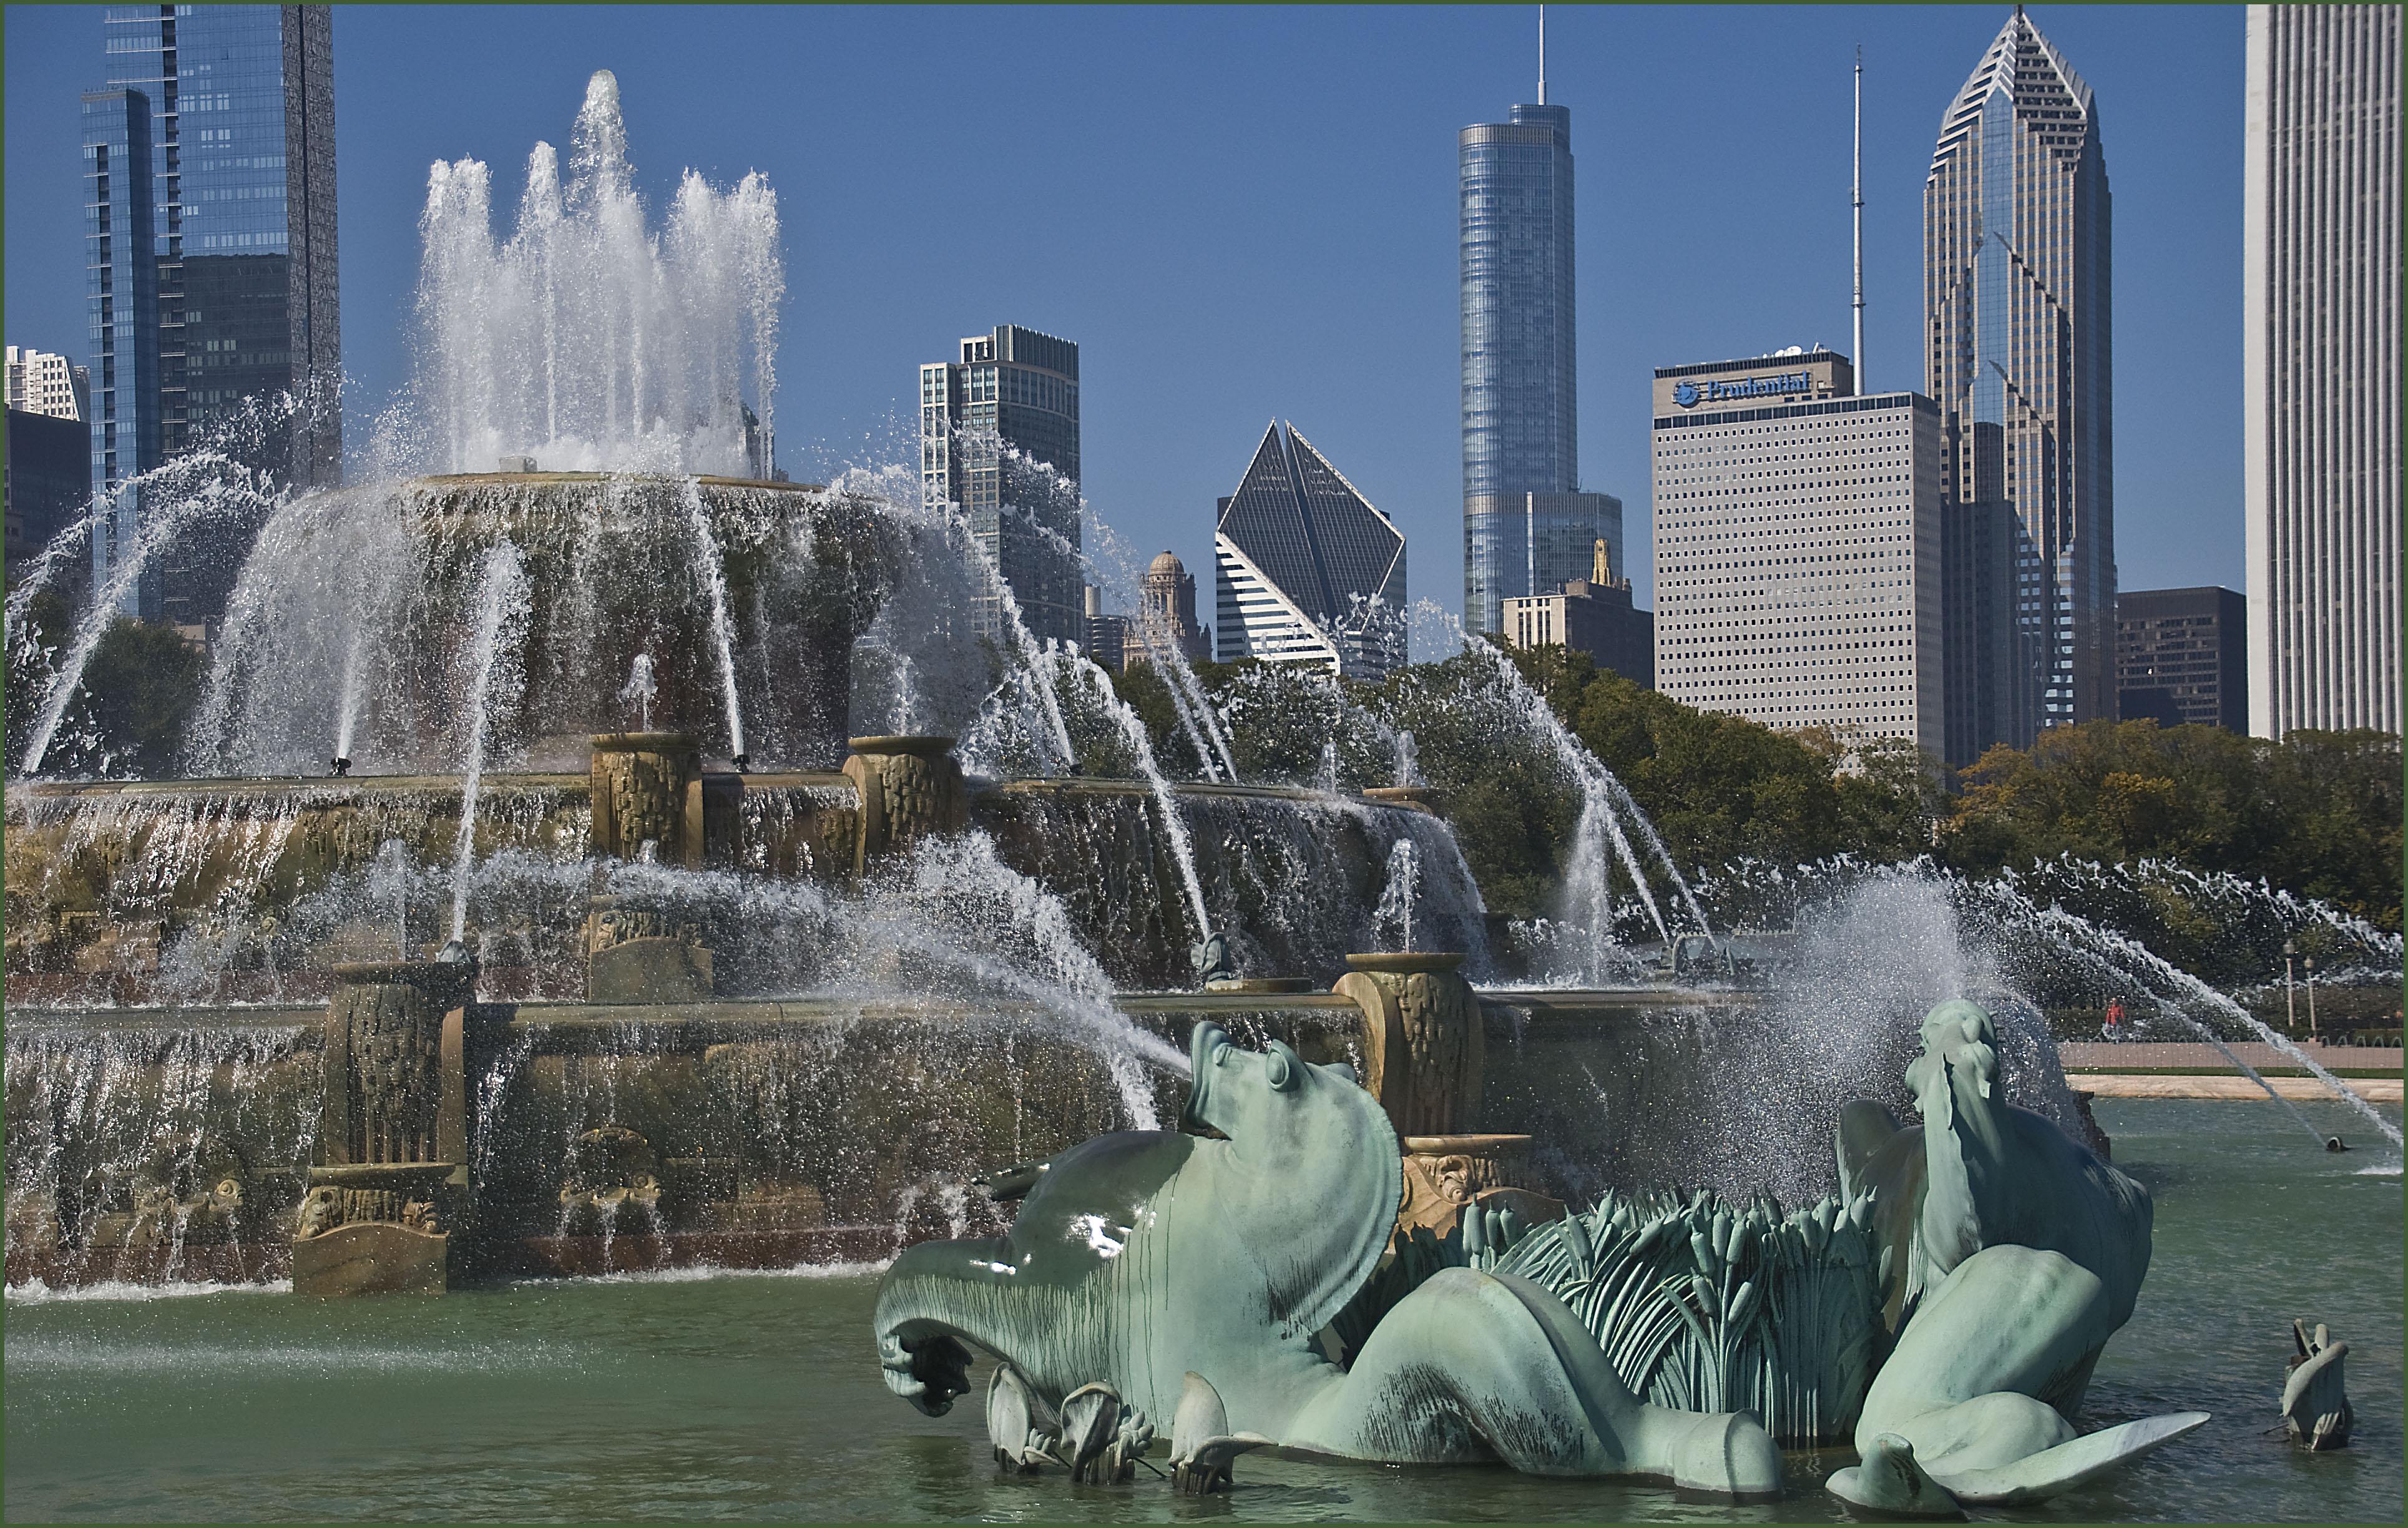 W niedzielę uruchomiona zostanie fontanna Buckingham